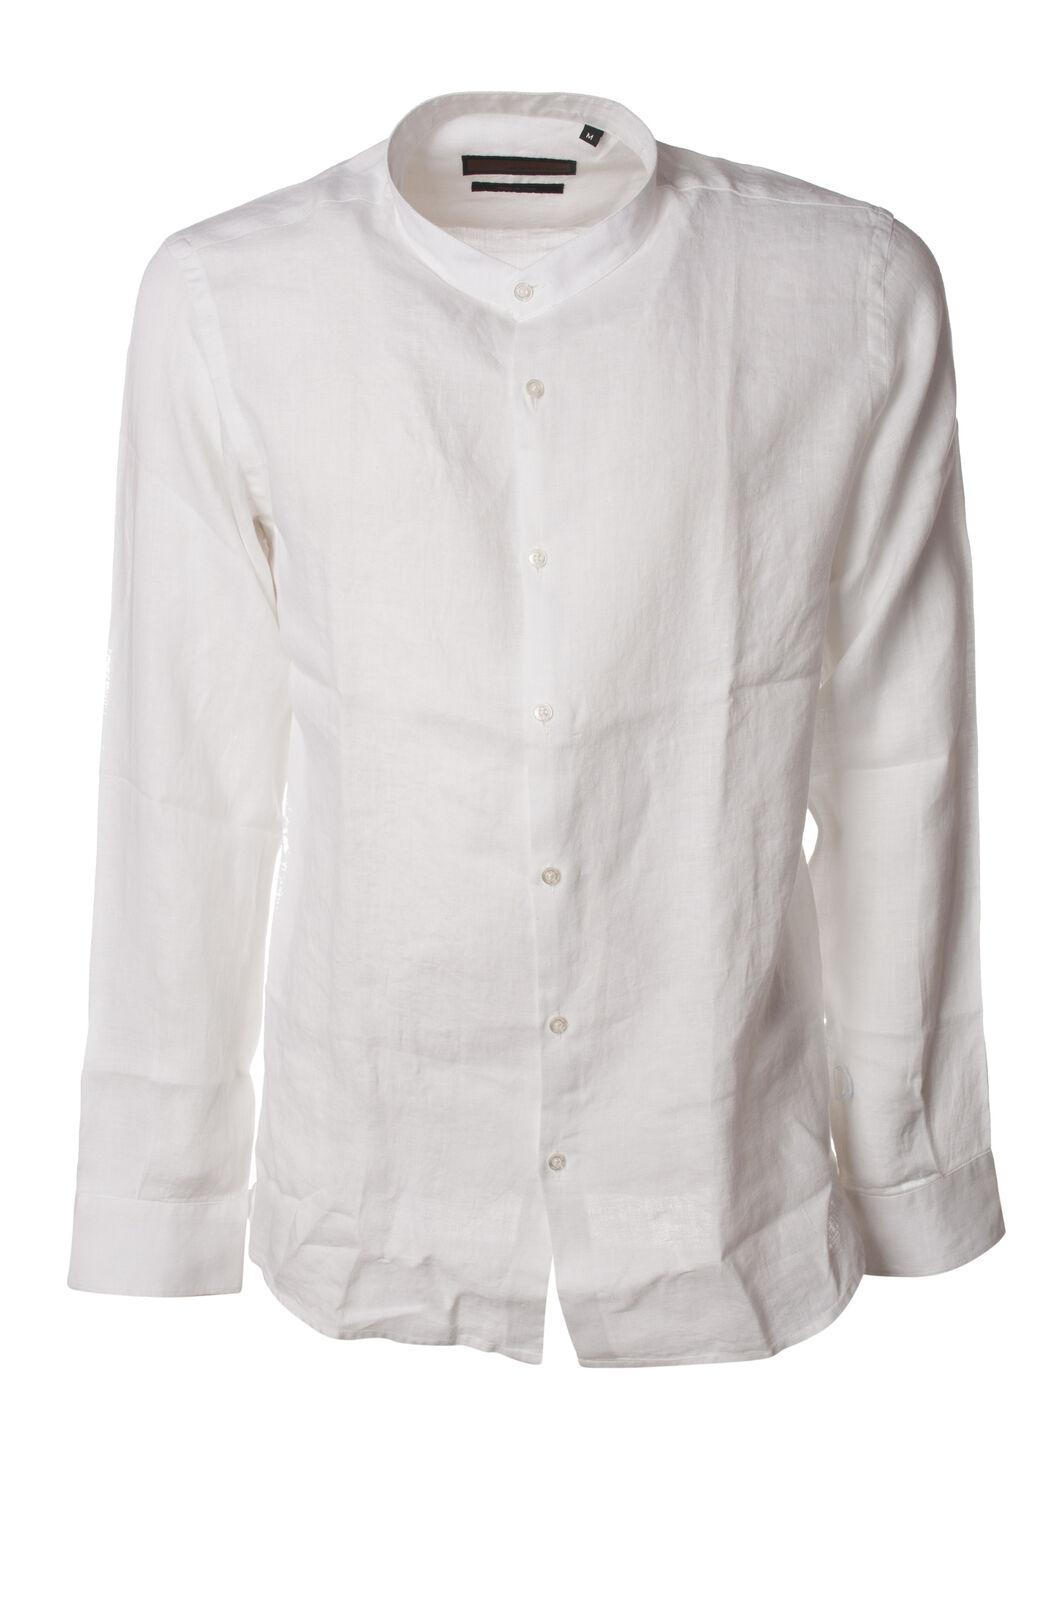 Laboratori Italiani - Camicie-Camicia - herren - Bianco - 6092902H191334